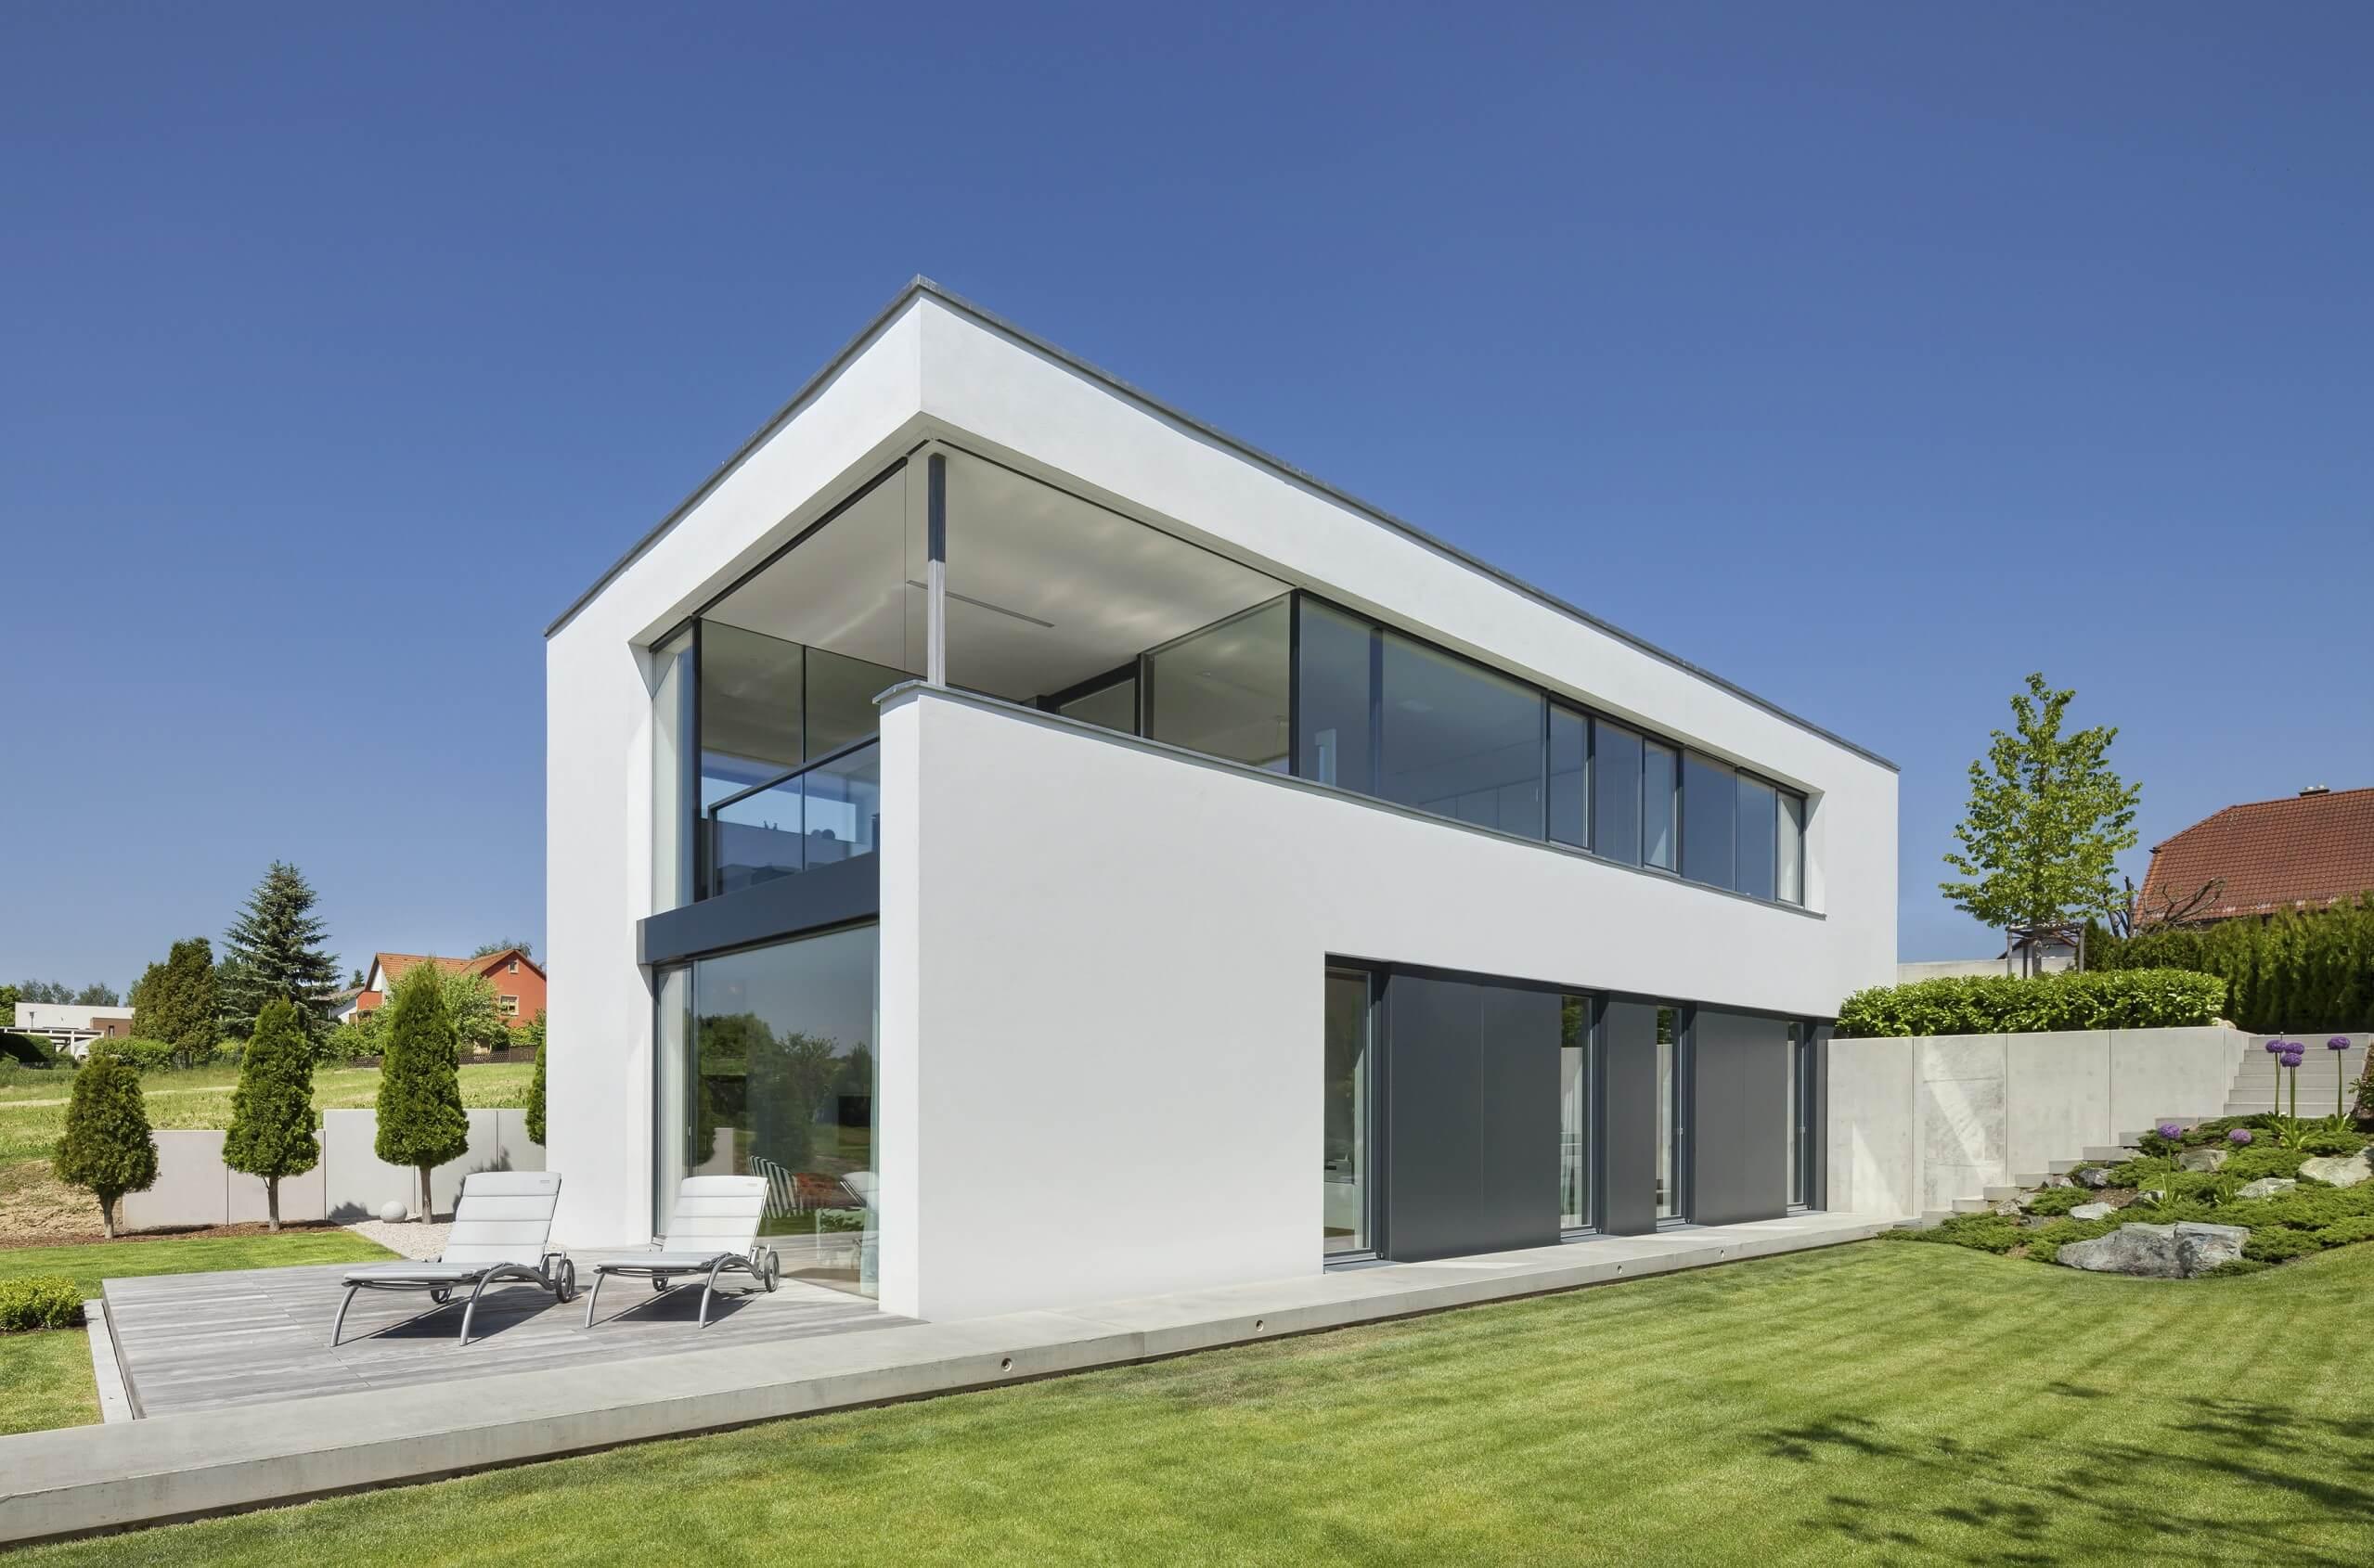 Egyedülálló falazóelem - Mit takar az Yntelligens építkezés?